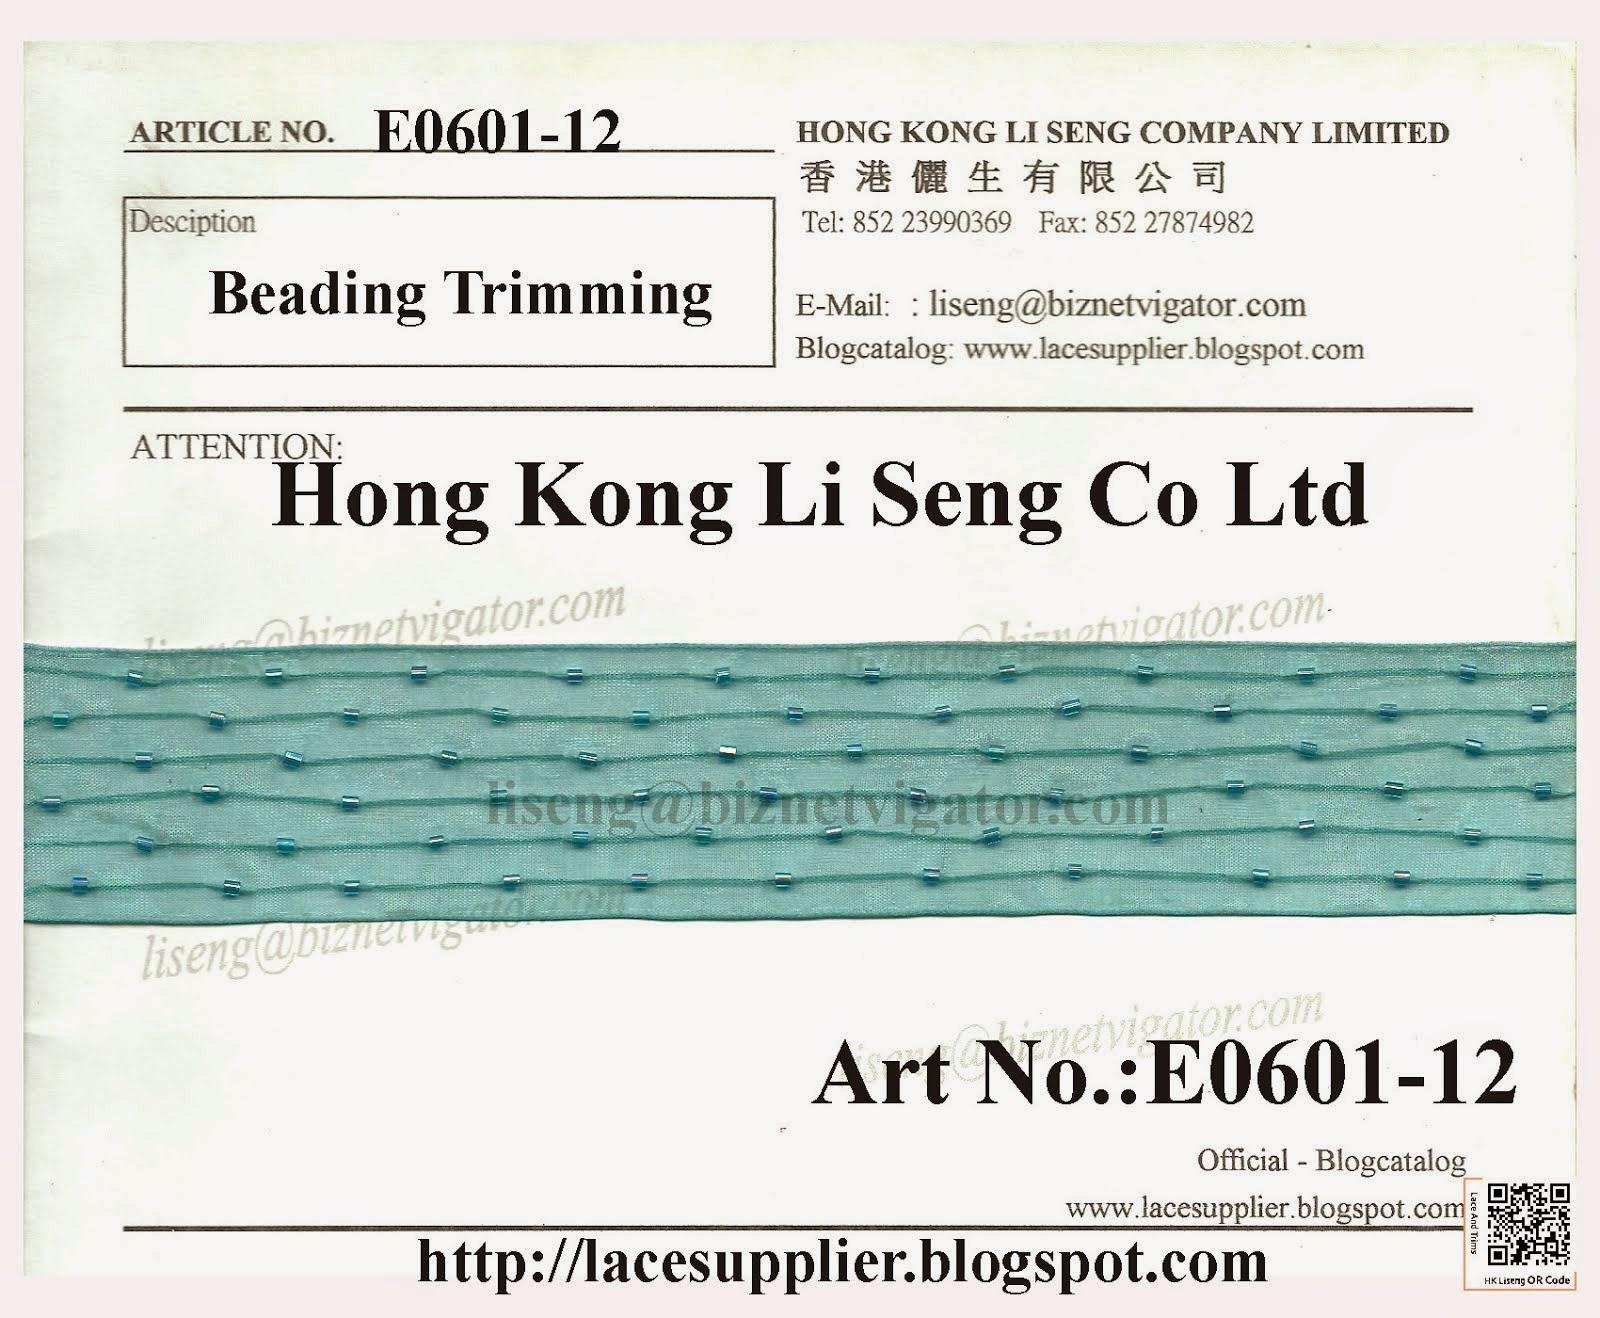 Beaded Trims Manufacturer - Hong Kong Li Seng Co Ltd